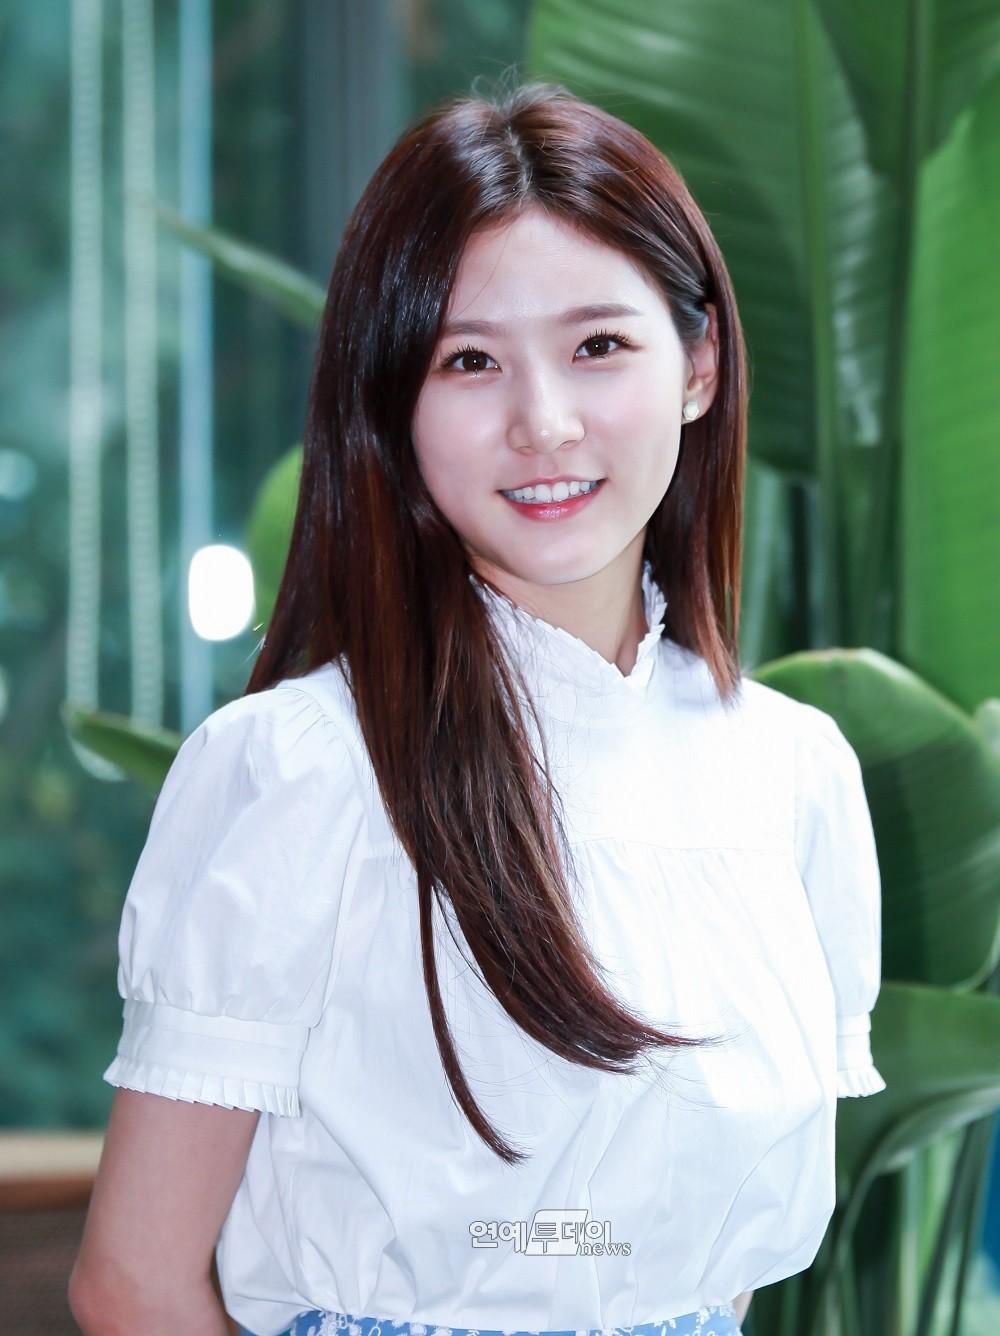 Nam thanh nữ tú thần tượng thế hệ 2000: Ai sẽ là nhân tố đáng mong đợi nhất của làng giải trí xứ Hàn? - Ảnh 6.